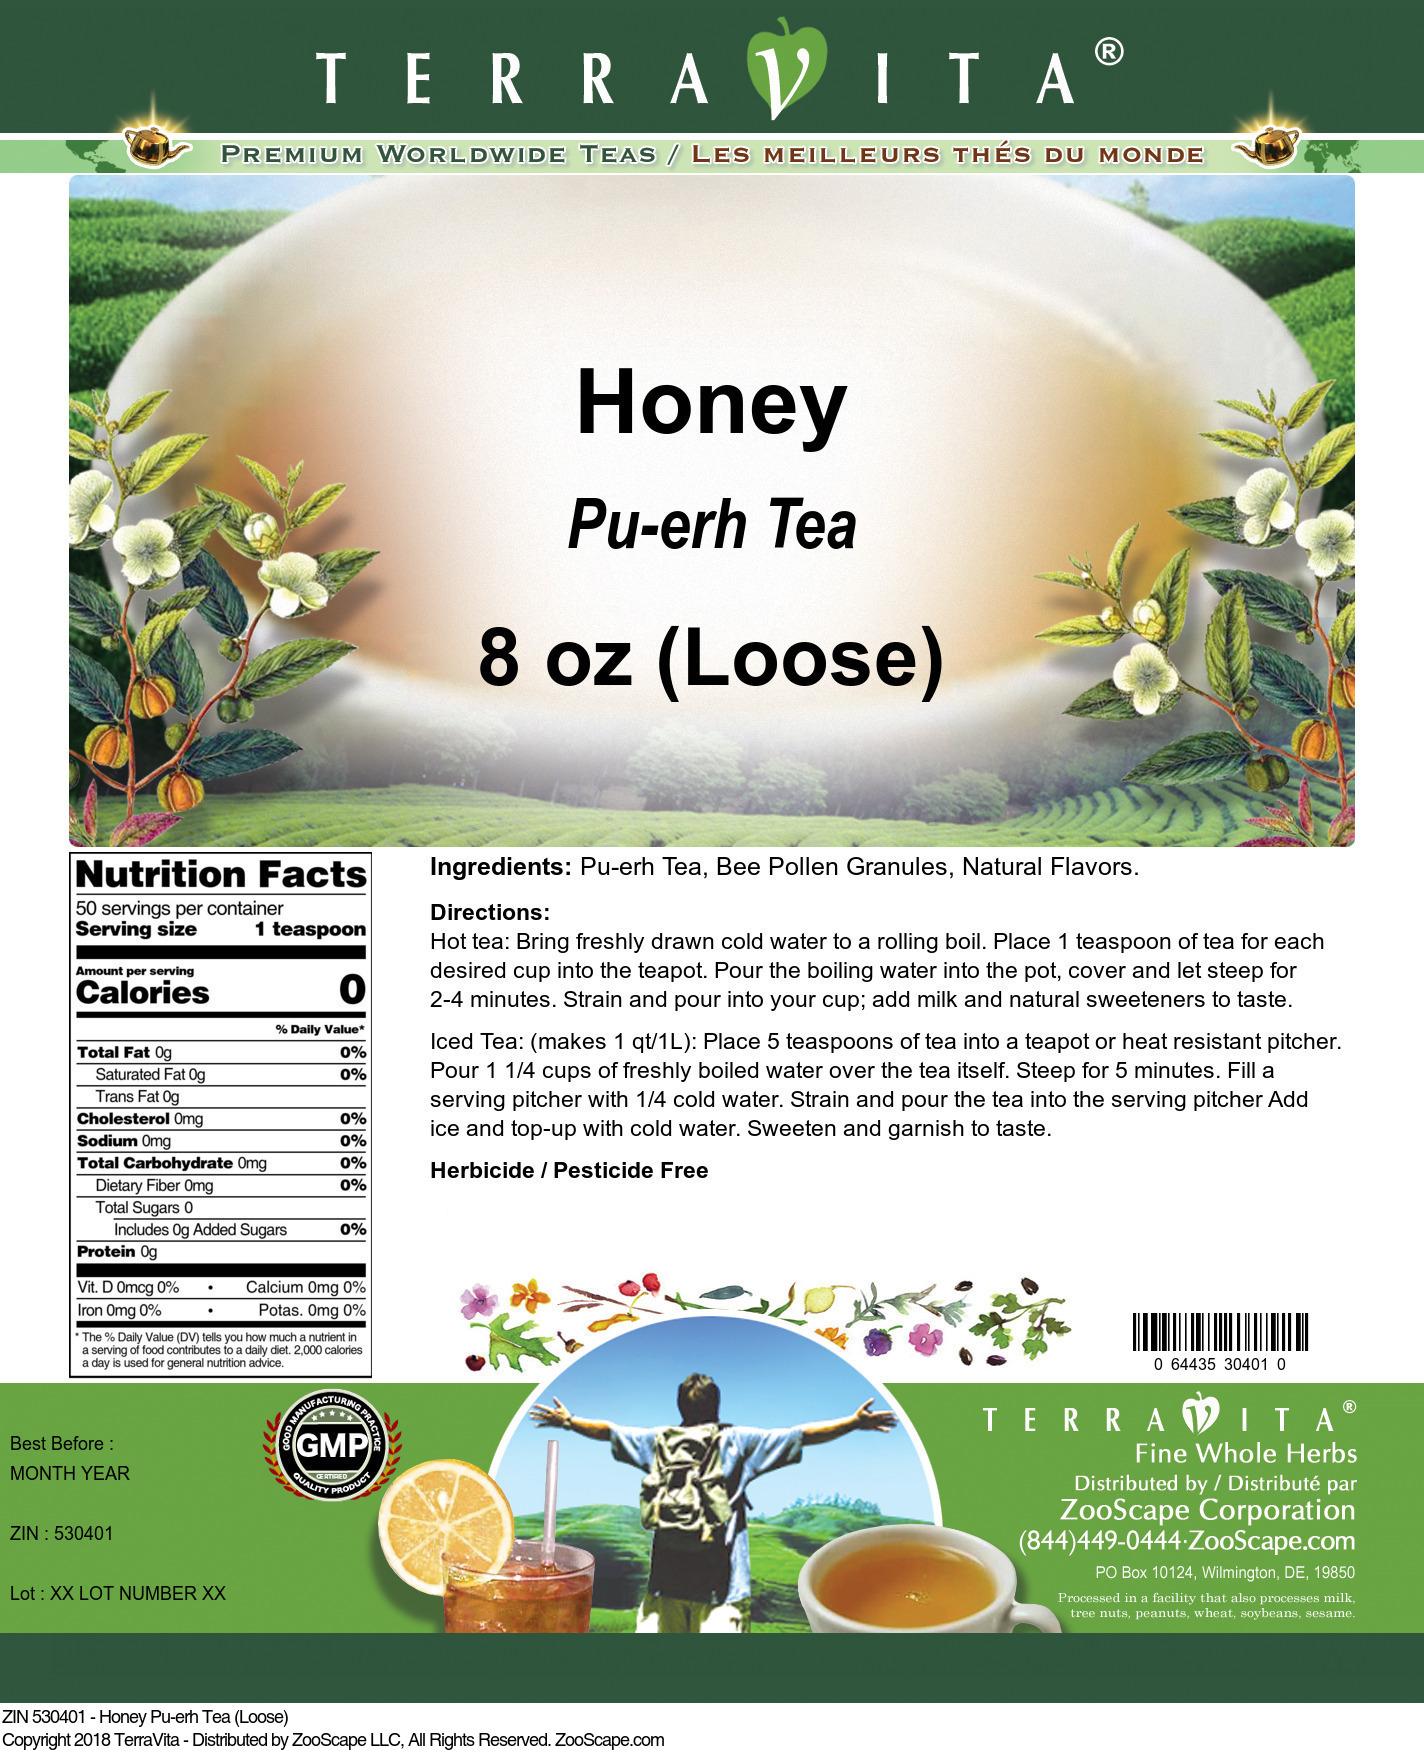 Honey Pu-erh Tea (Loose)